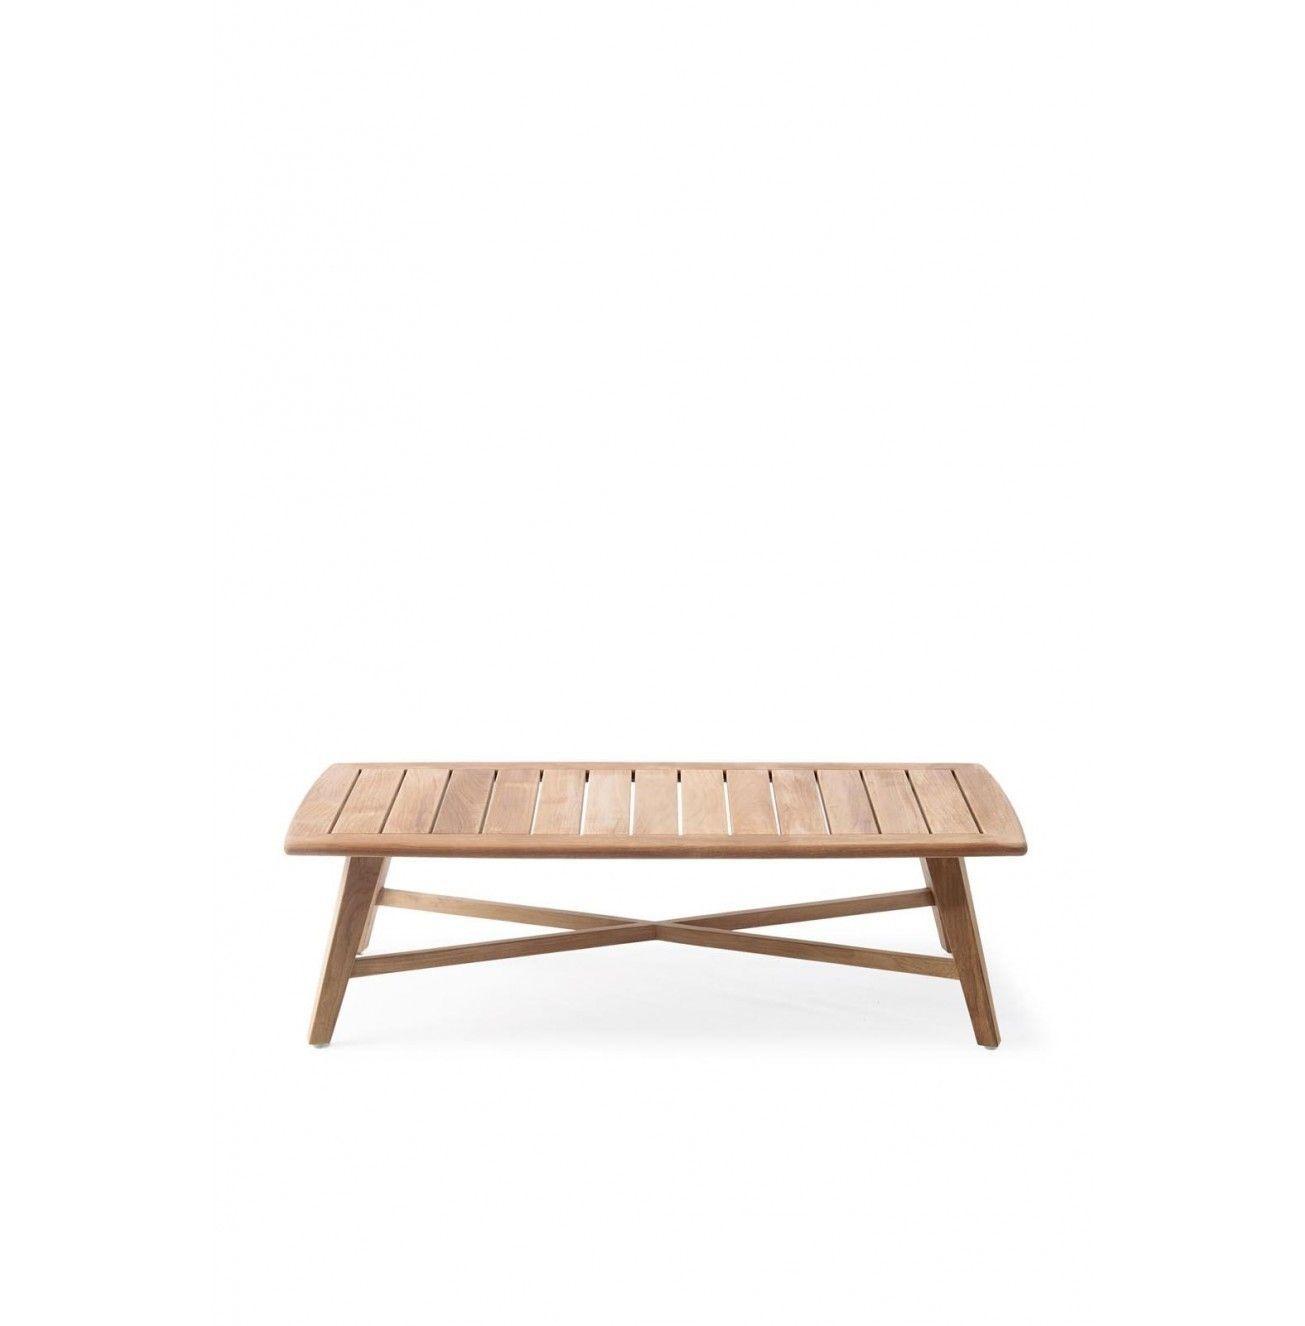 Venkovní konferenční stolek Raphael 120x60